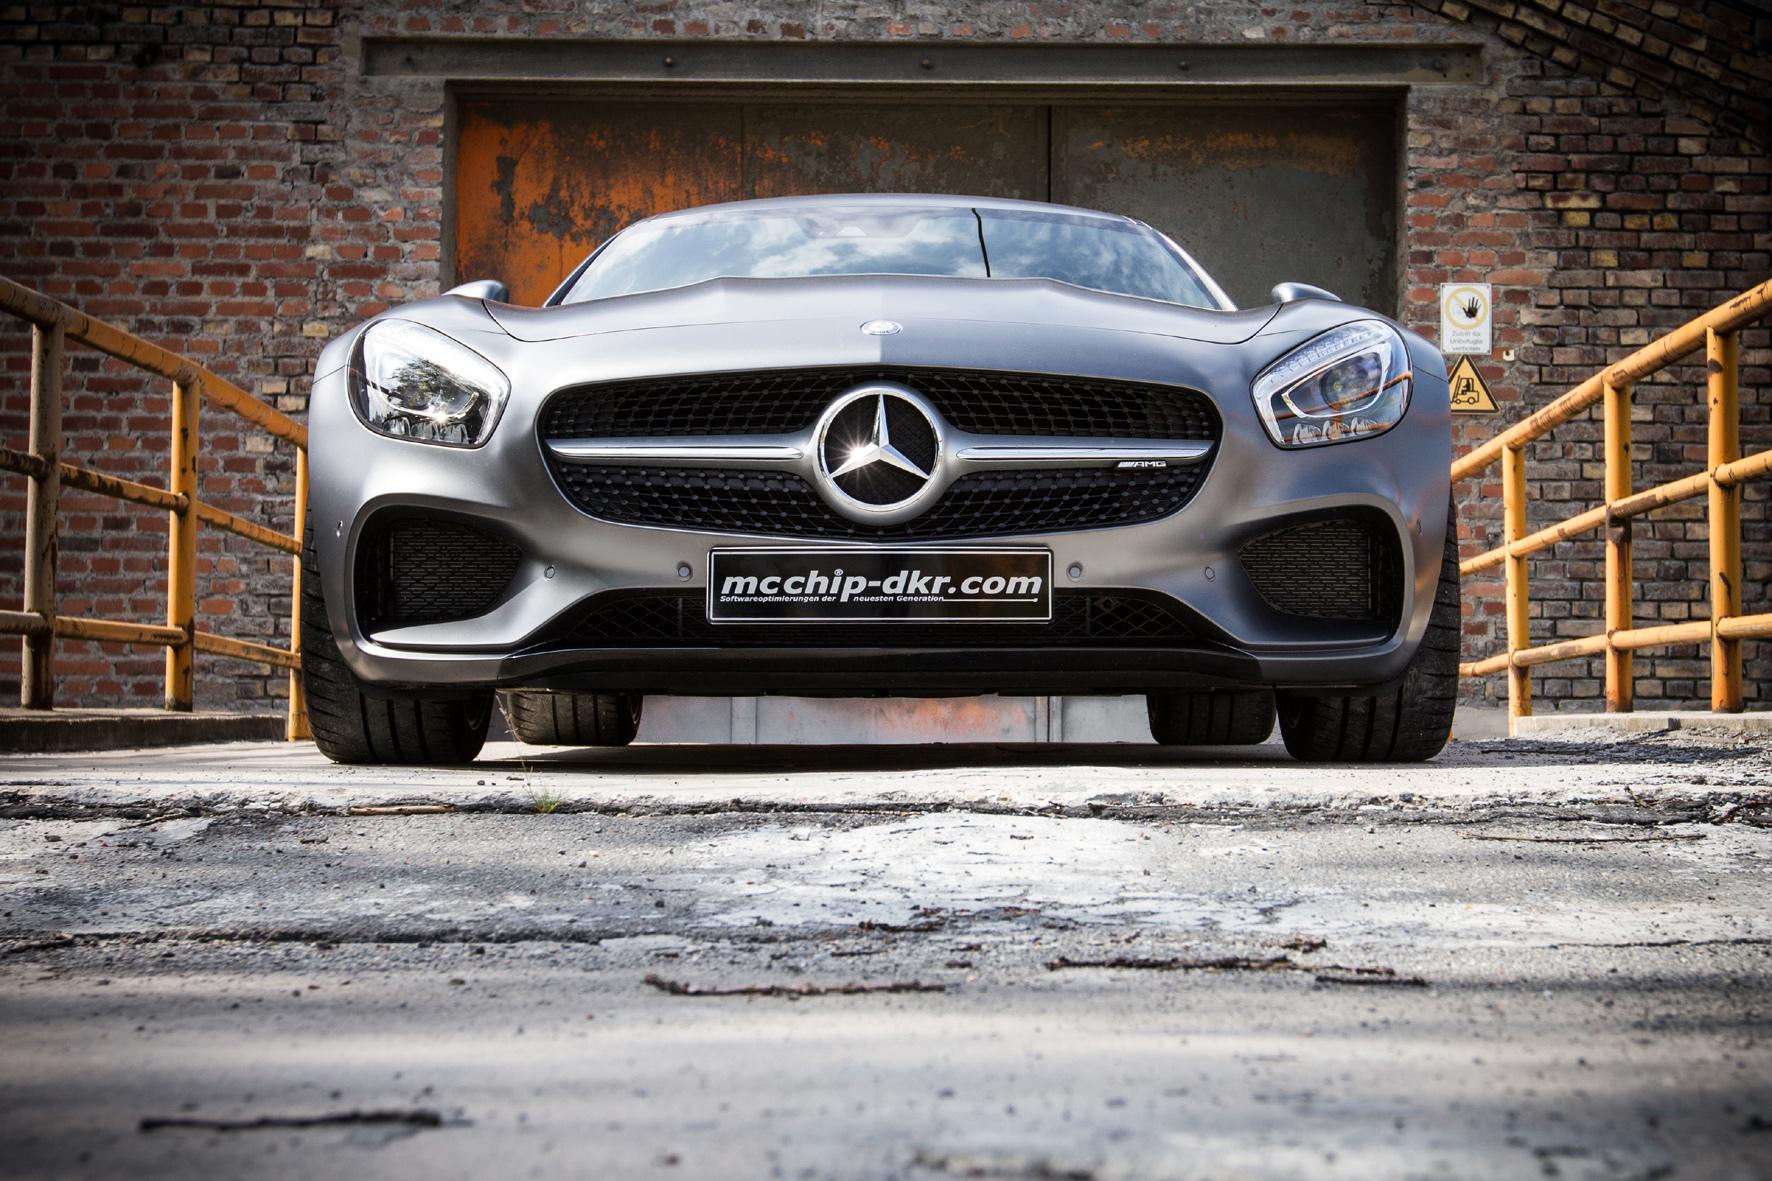 mid Düsseldorf - Leistungskur für den Mercedes-AMG GT: mcchip-dkr bringt den Sportwagen durch Änderungen in der Fahrzeug-Elektronik auf 320 km/h Topspeed.